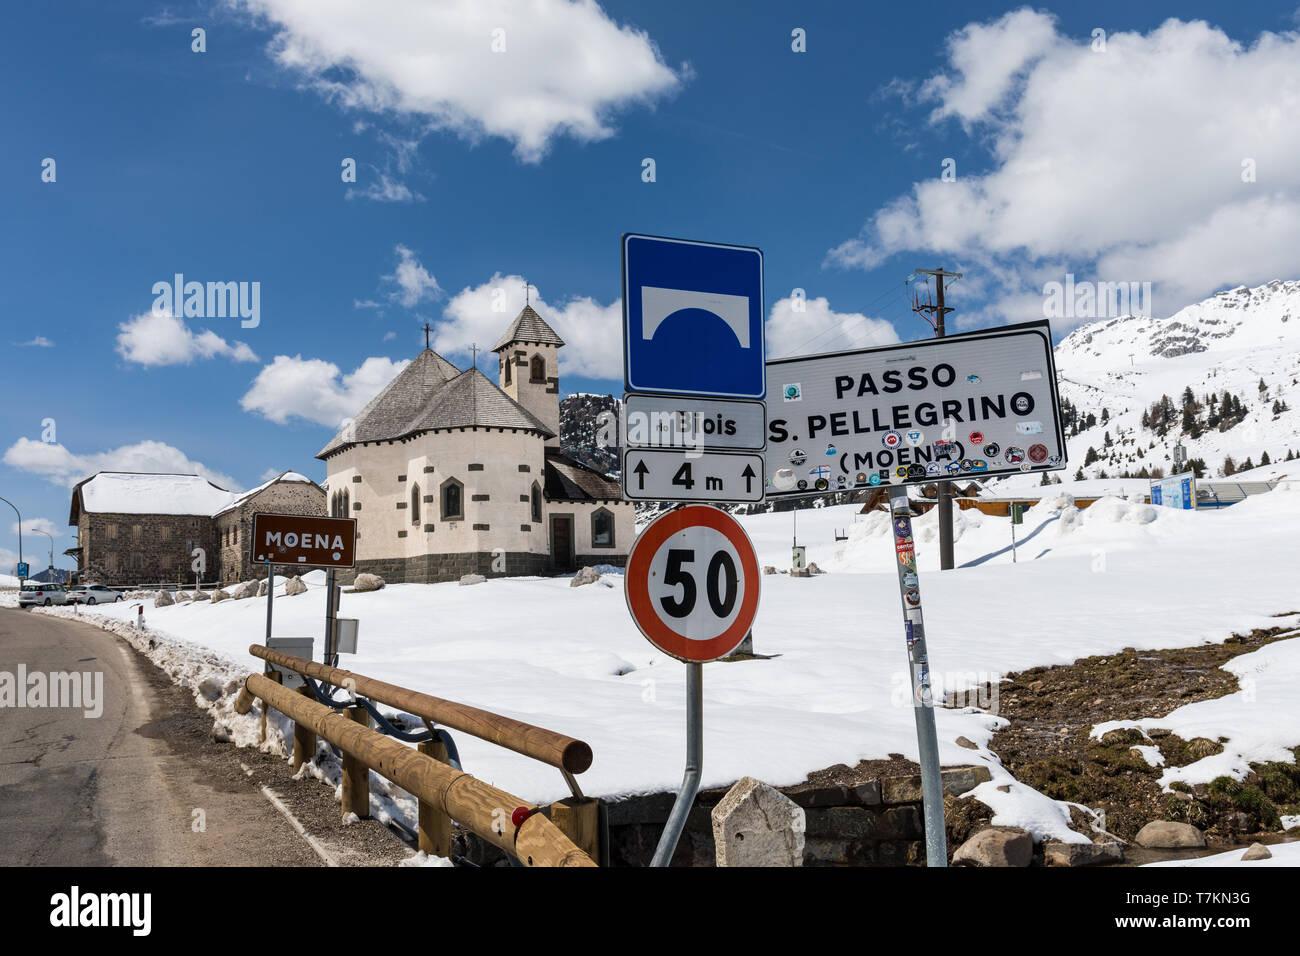 Passo San Pellegrino, San Pellegrino Pass, Dolomites, Italy Stock Photo